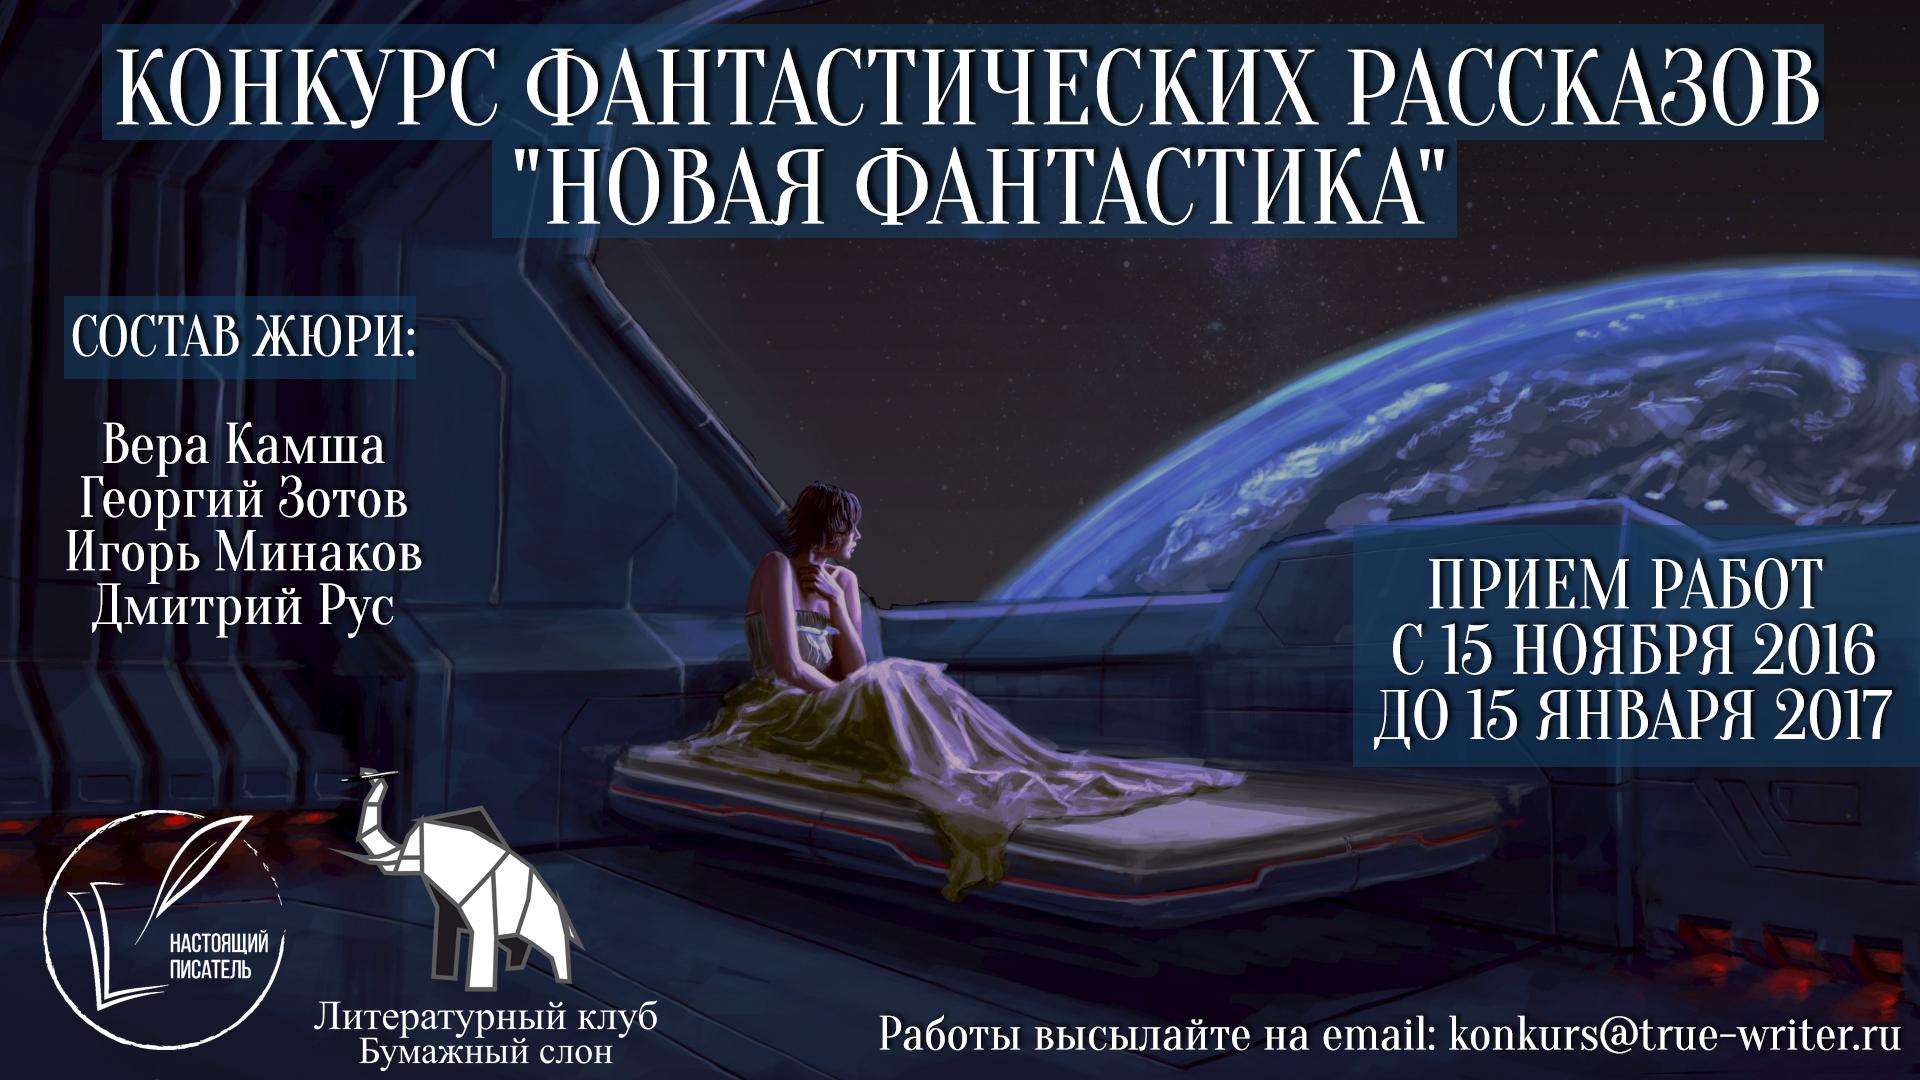 Конкурс фантастических рассказов «Новая Фантастика»